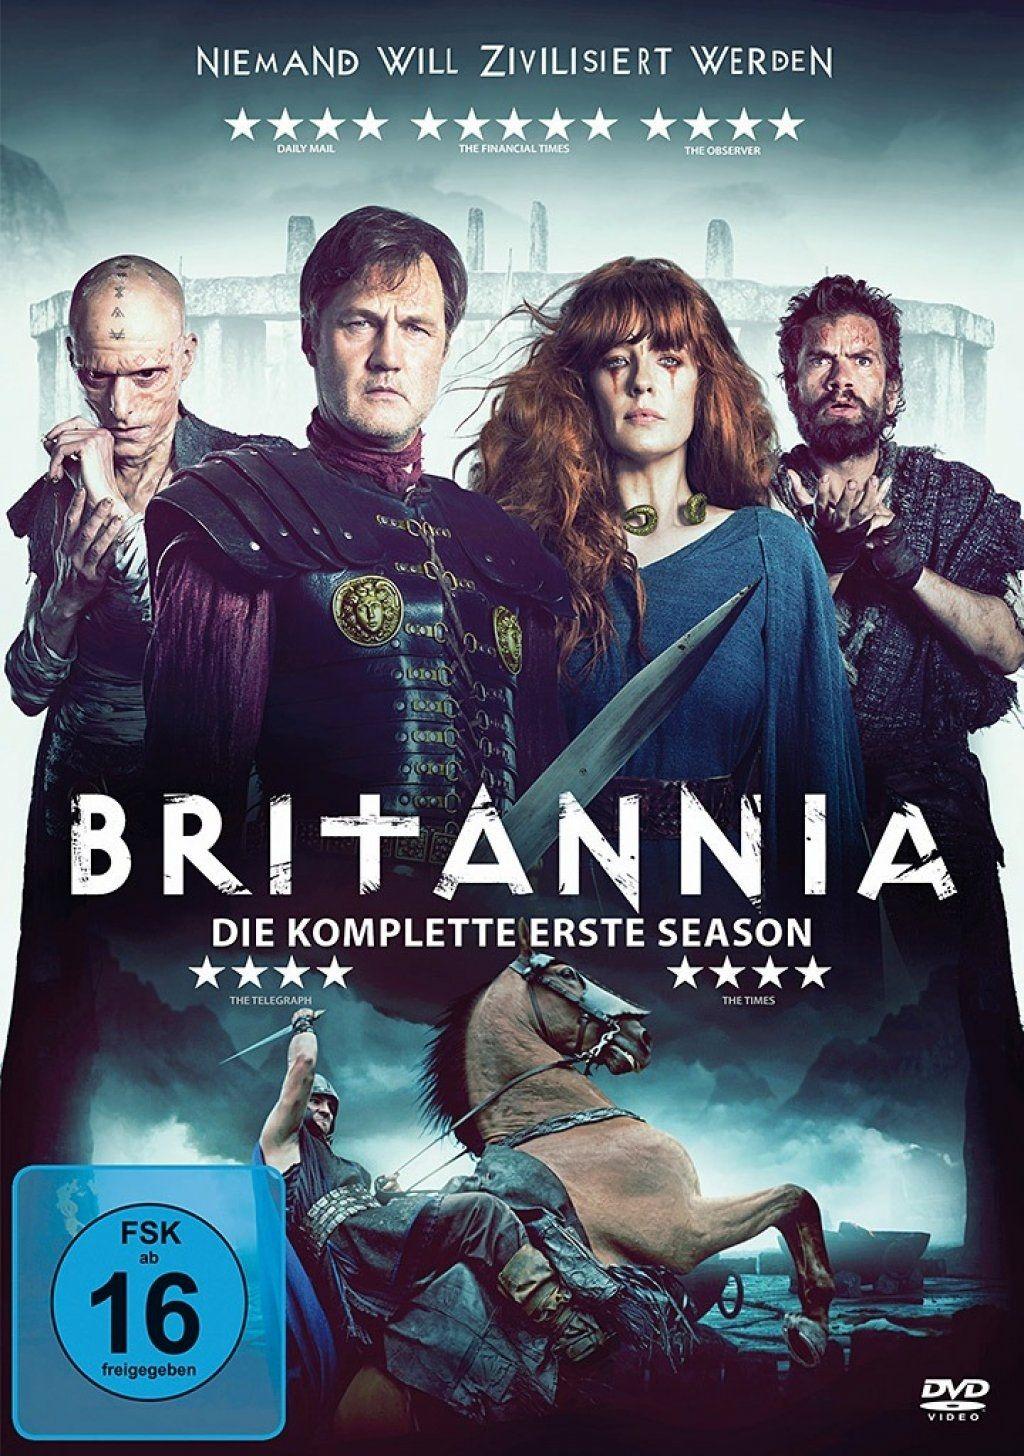 Britannia - Niemand will zivilisiert werden - Staffel 1 (3 Discs)